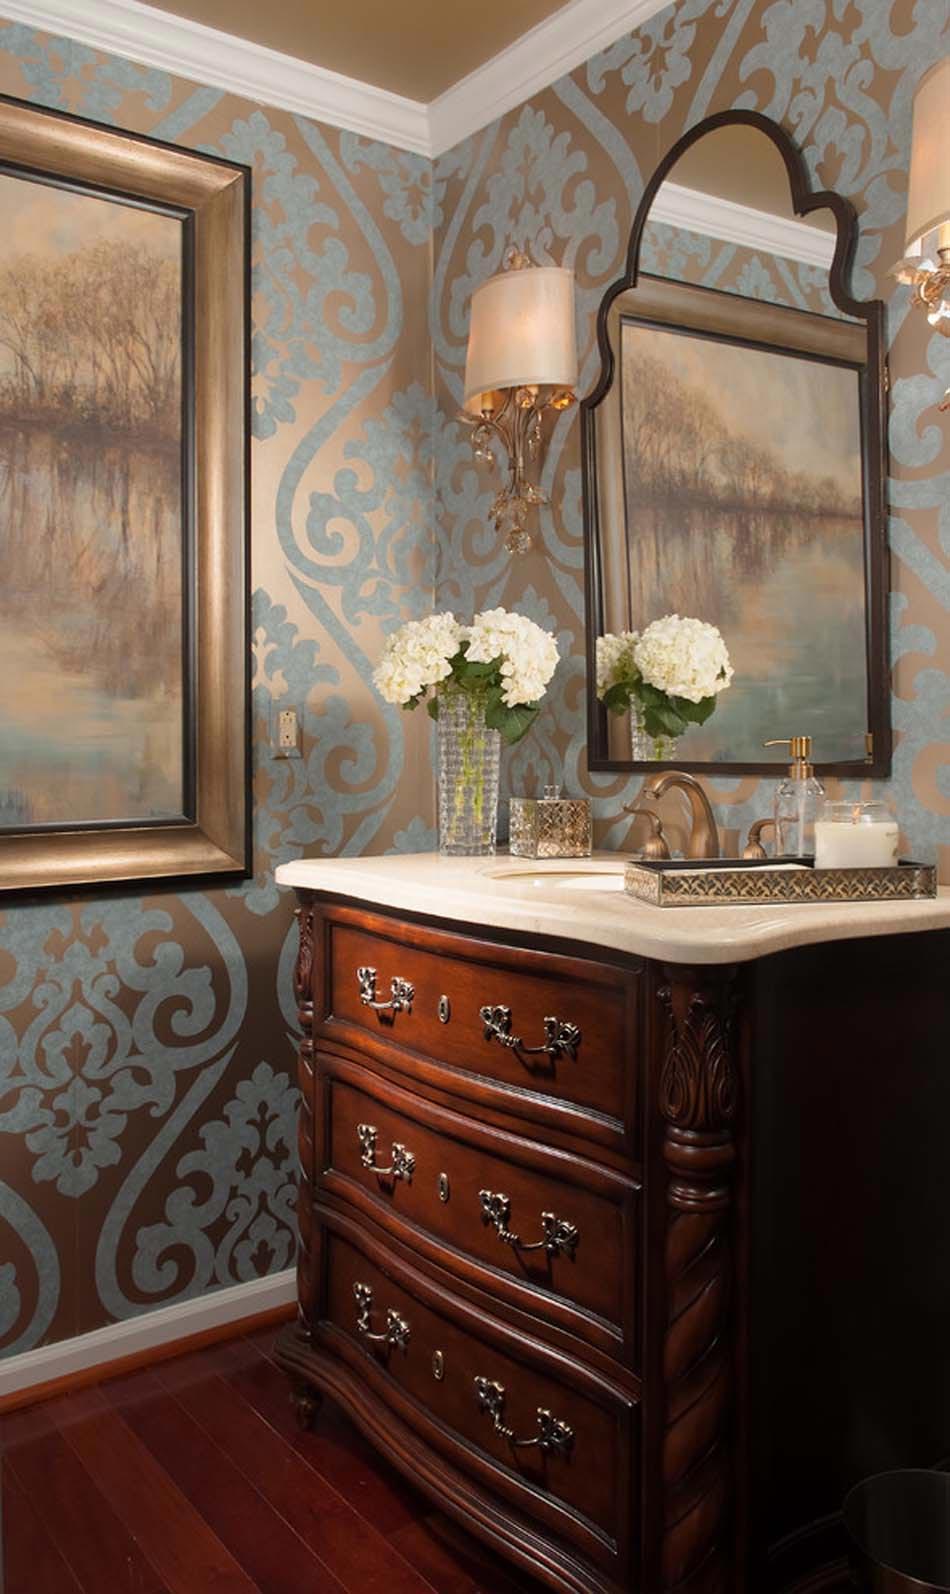 ide deco wc original se rapportant ides de dcoration inspirantes pour rendre nos toilettes with ide dco wc originale